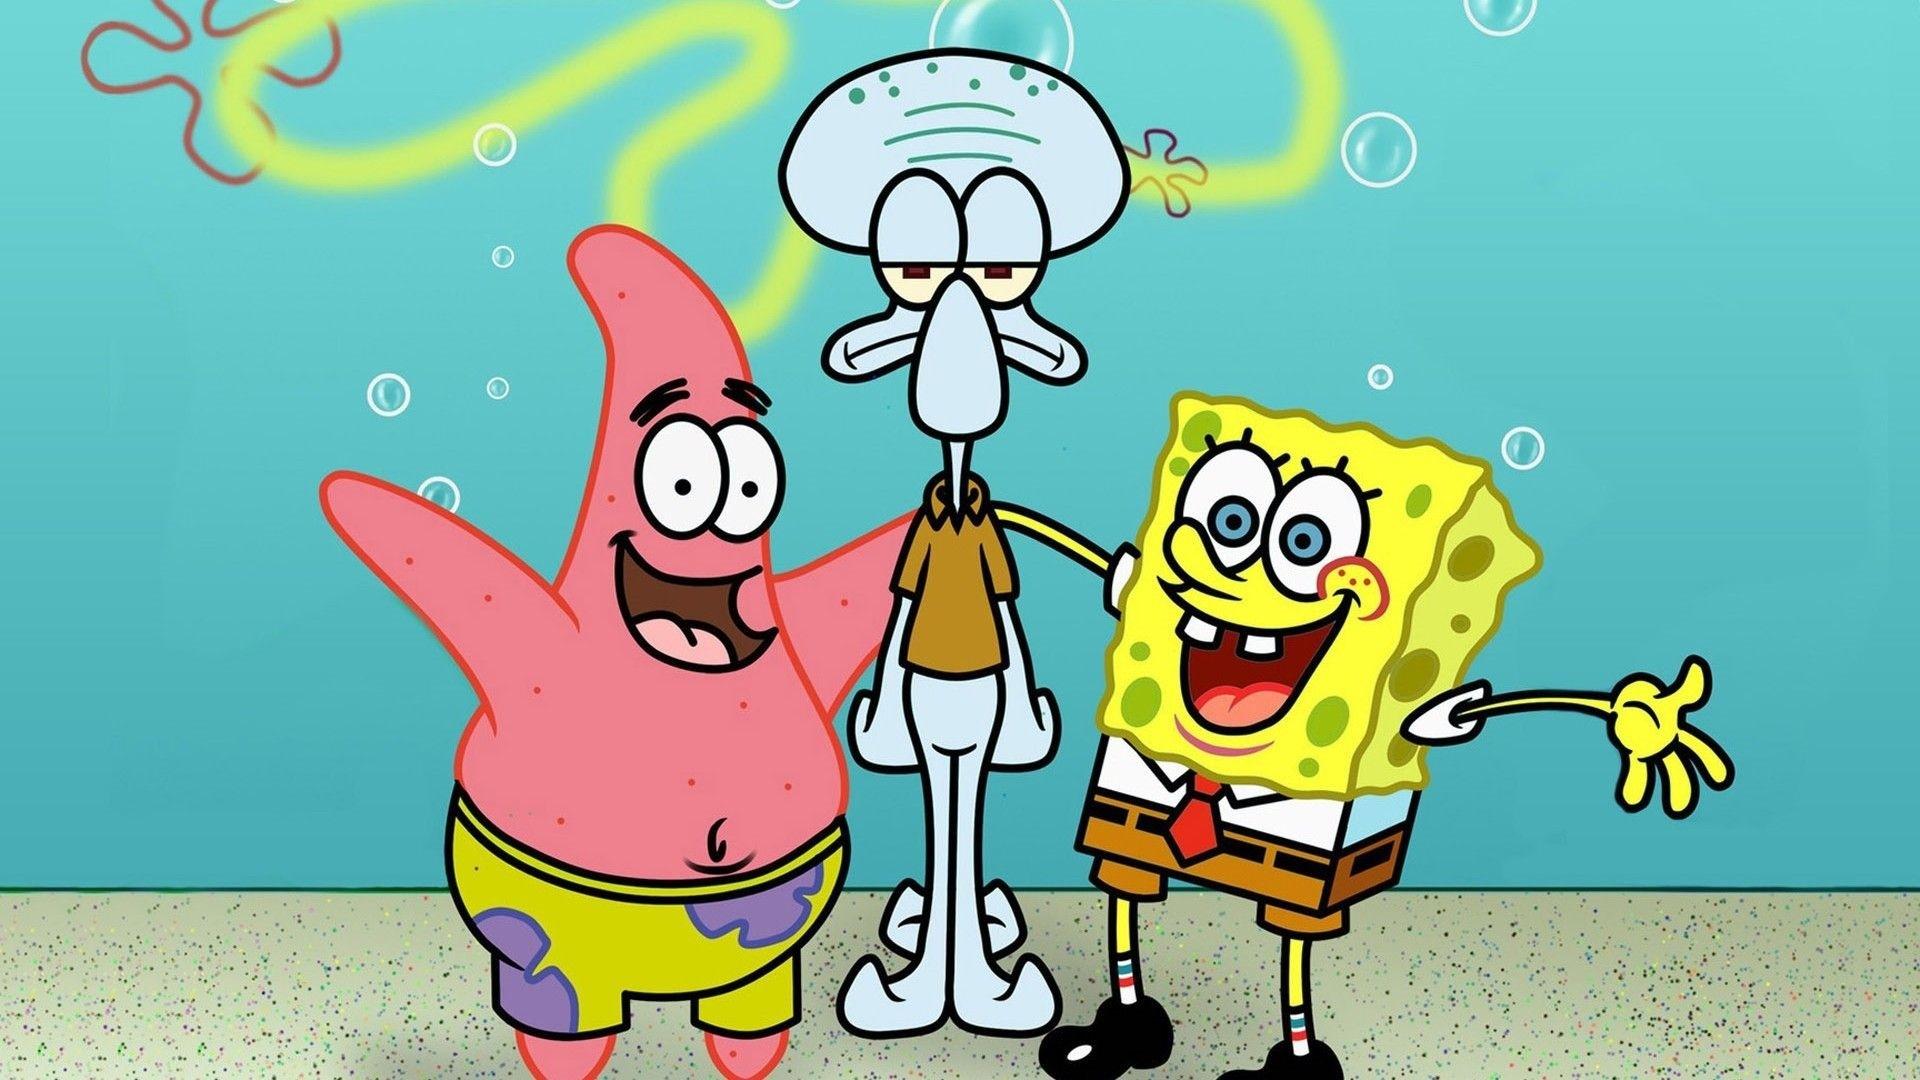 Aesthetic Spongebob Image